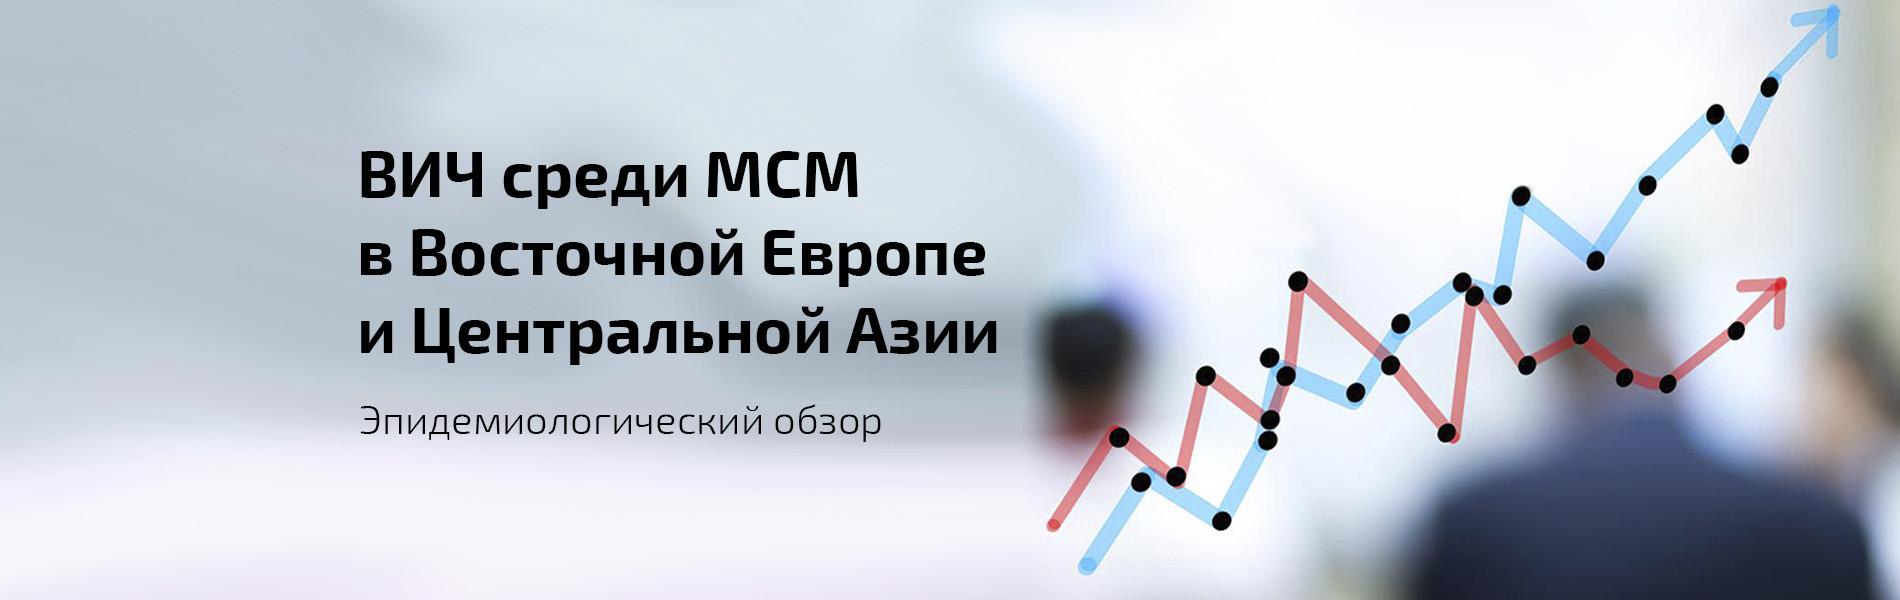 Обновленная информация о ситуации с эпидемией ВИЧ среди МСМ в регионе ВЕЦА